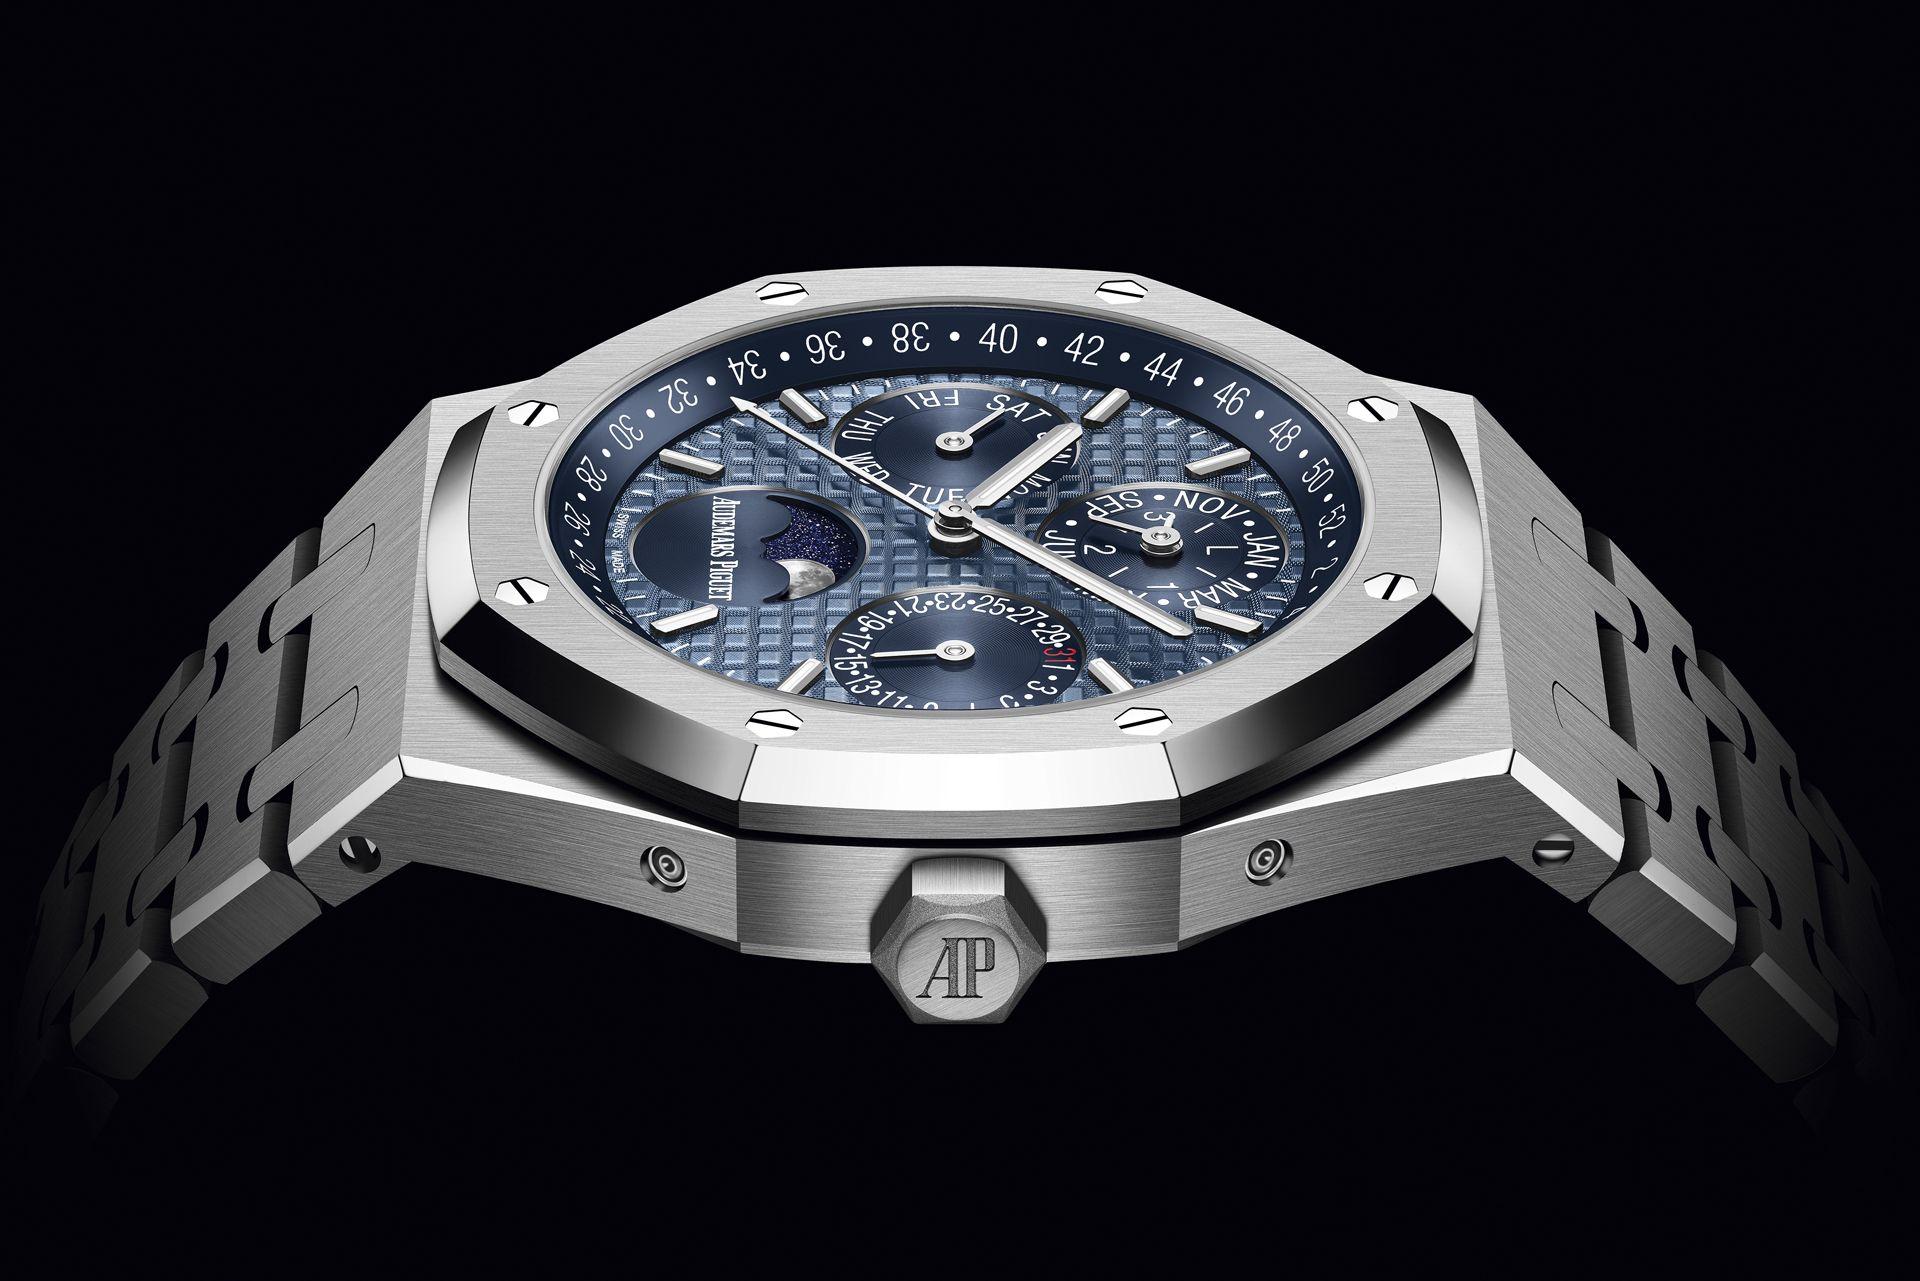 經典色調昂然回歸:愛彼皇家橡樹萬年曆腕錶推出全新藍色面盤款式